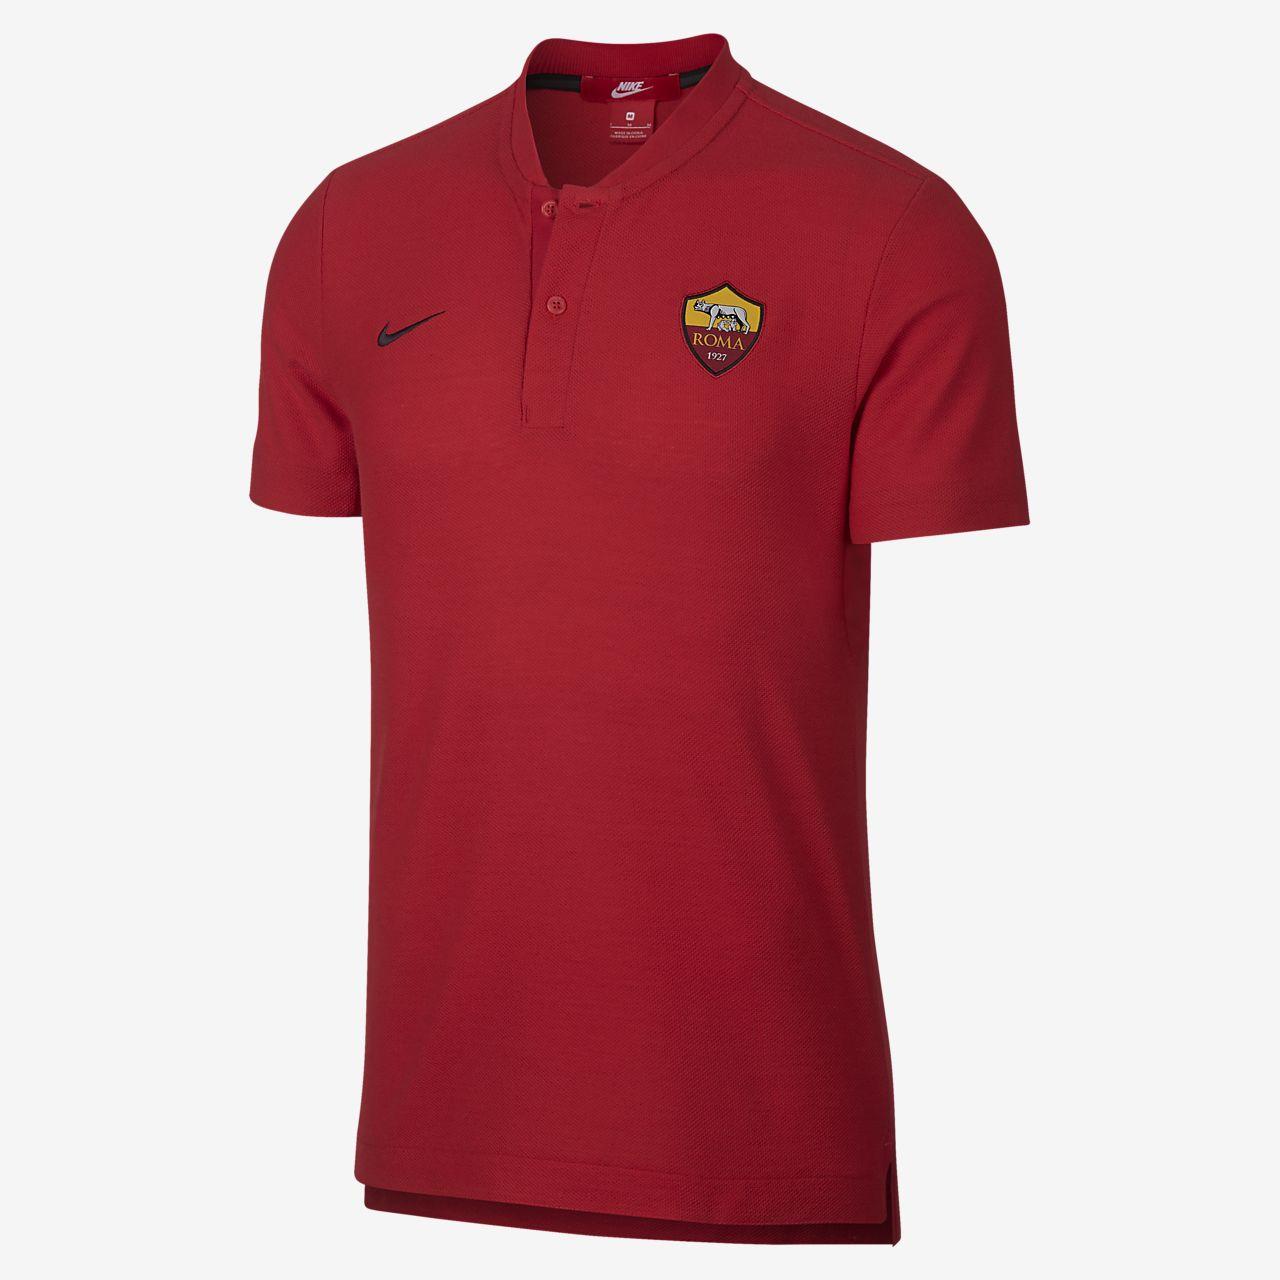 Camiseta polo para hombre A.S. Roma Grand Slam. Nike.com PR 9d939b17787